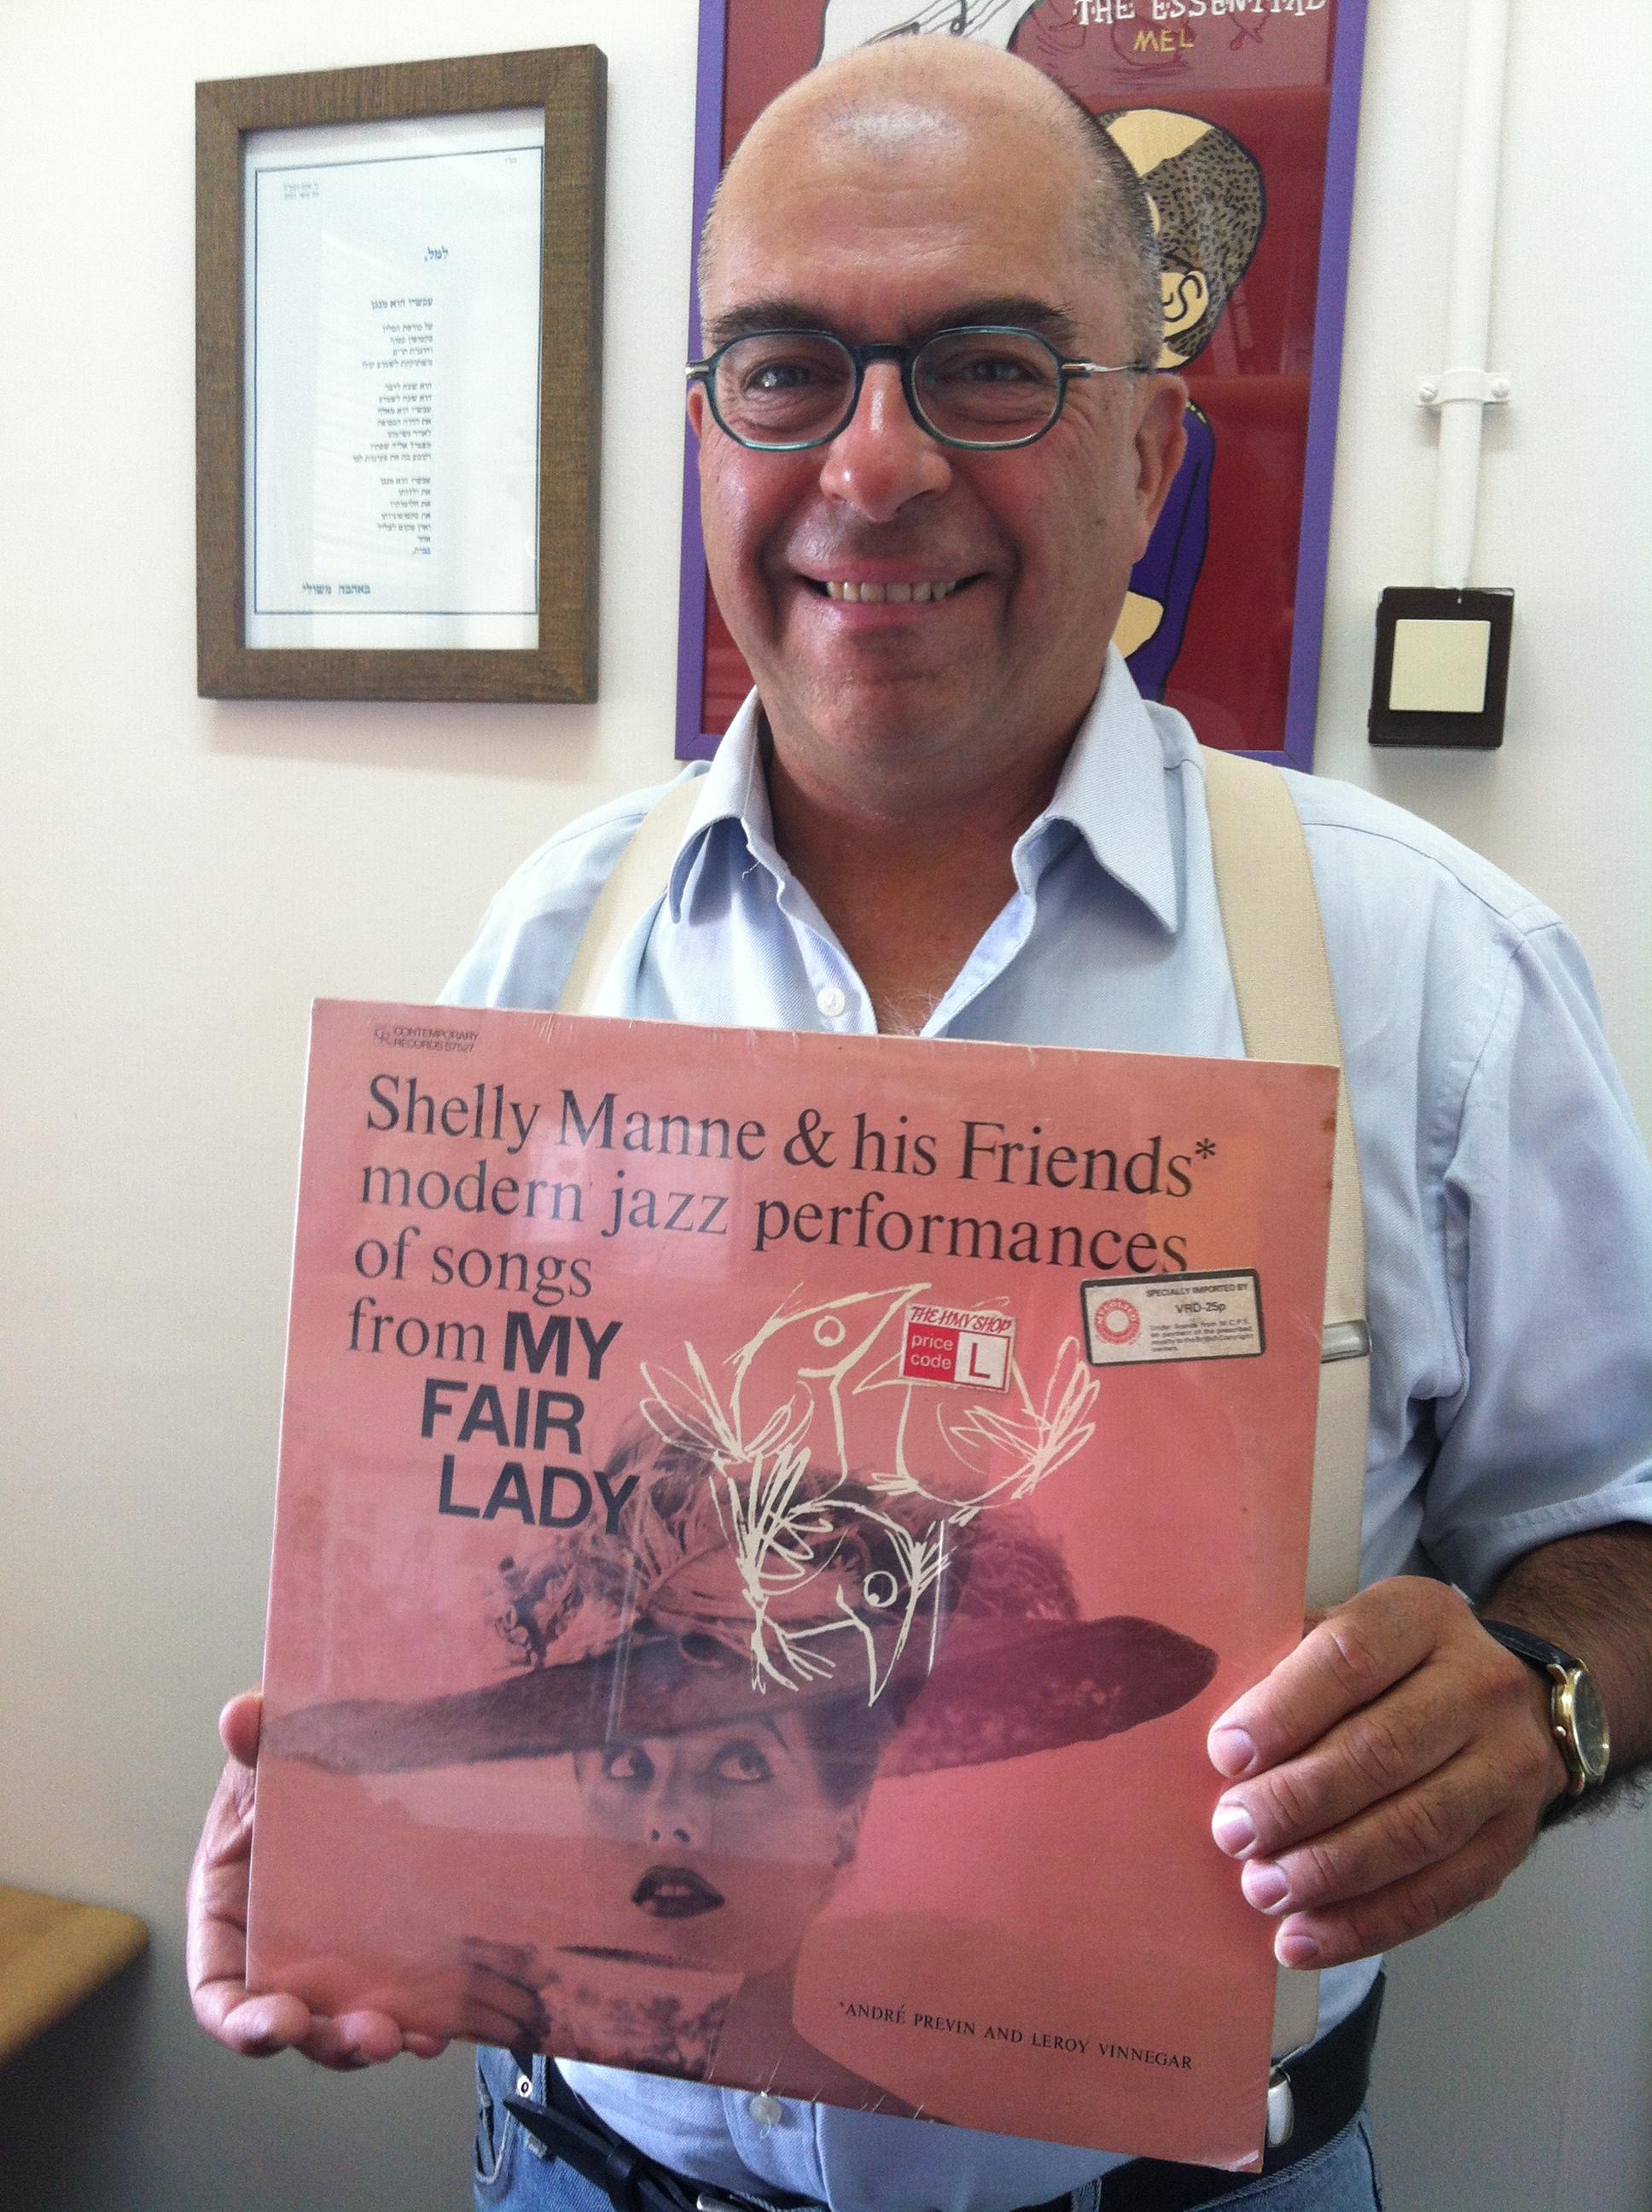 Mel Rosenberg holding the record I bought for Zvi Keren in 1975 (Andre Previn and Shelley Manne)